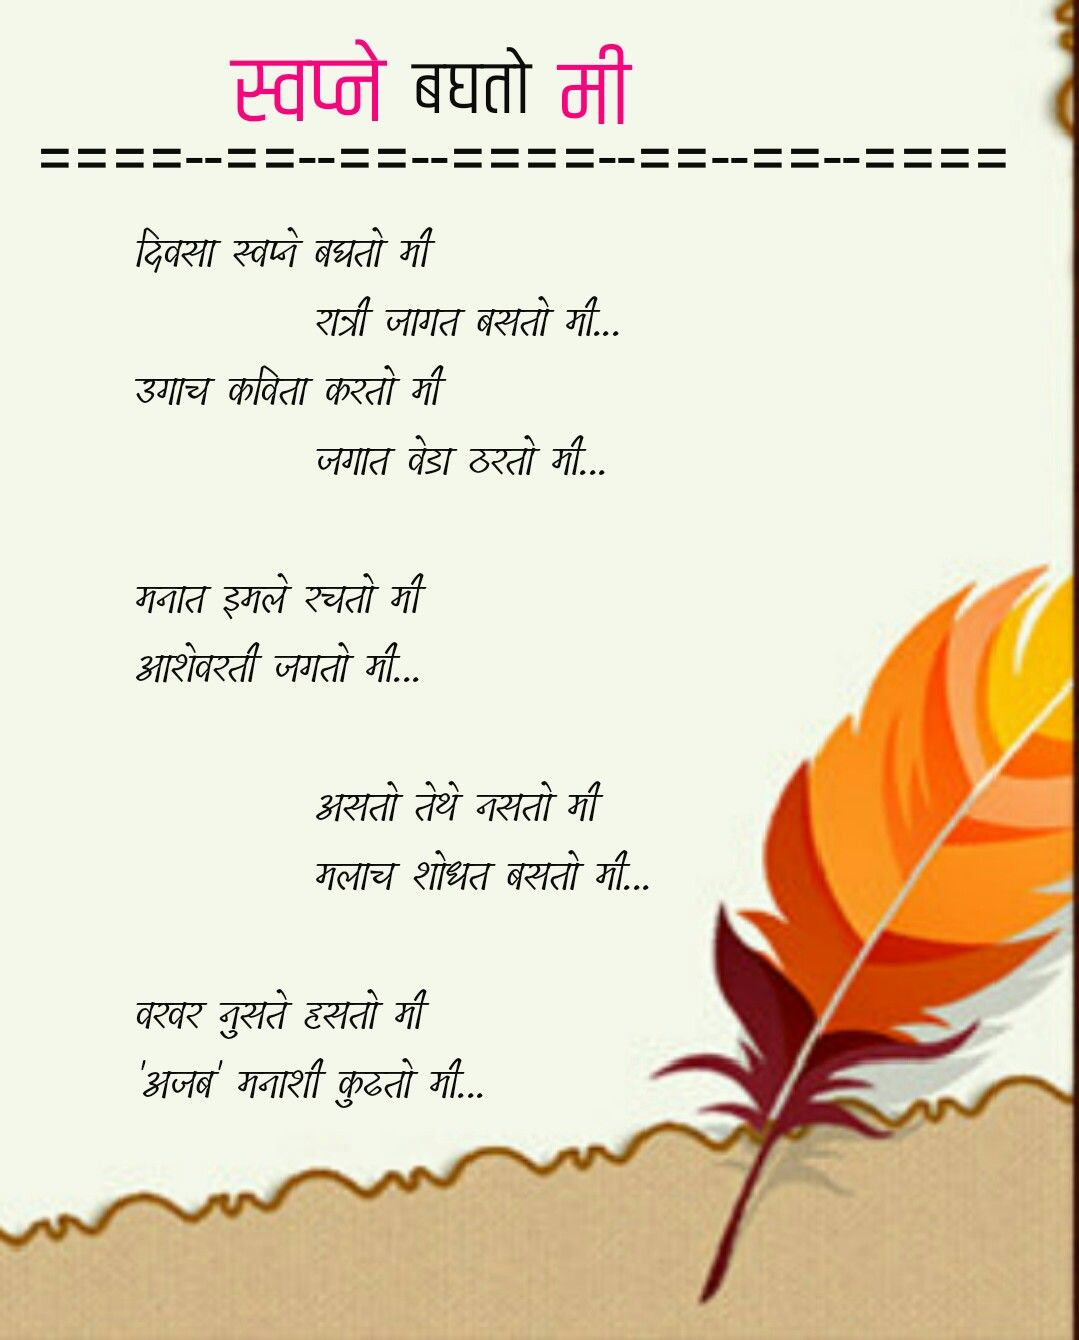 स्वप्न बघतो मी Marathi quotes, Marathi poems, Love poems